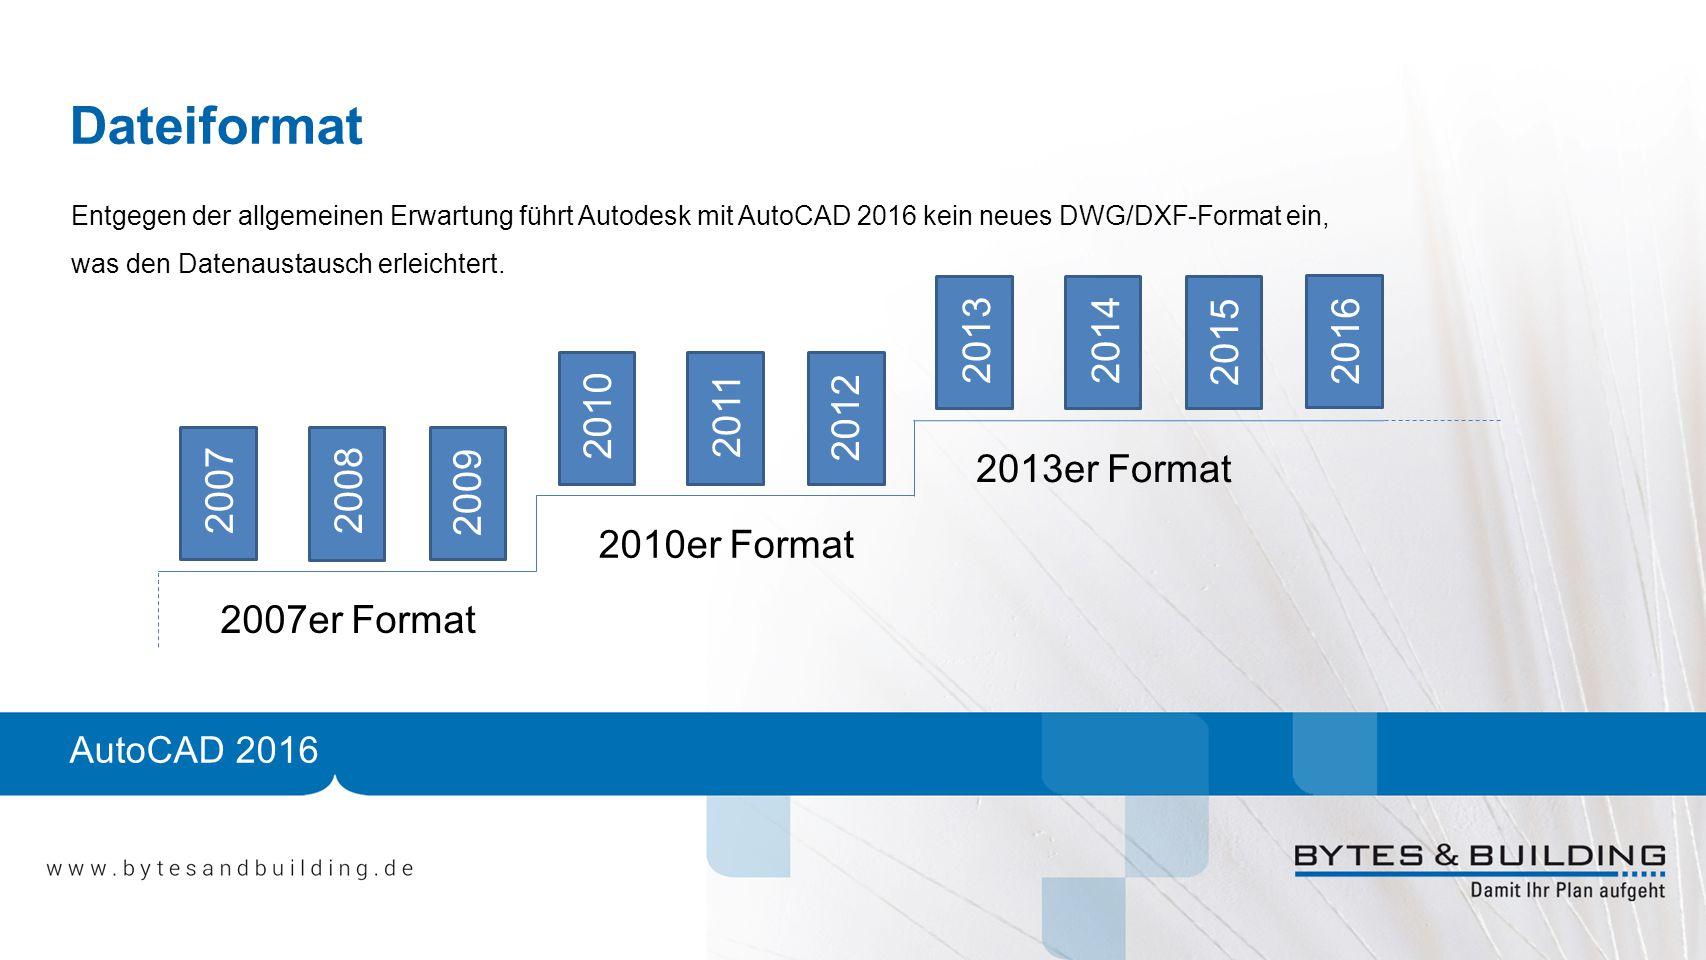 AutoCAD 2016 Dateiformat 20072008 2009 2010 2011 2012 20132014 2015 2007er Format 2010er Format 2013er Format 2016 Entgegen der allgemeinen Erwartung